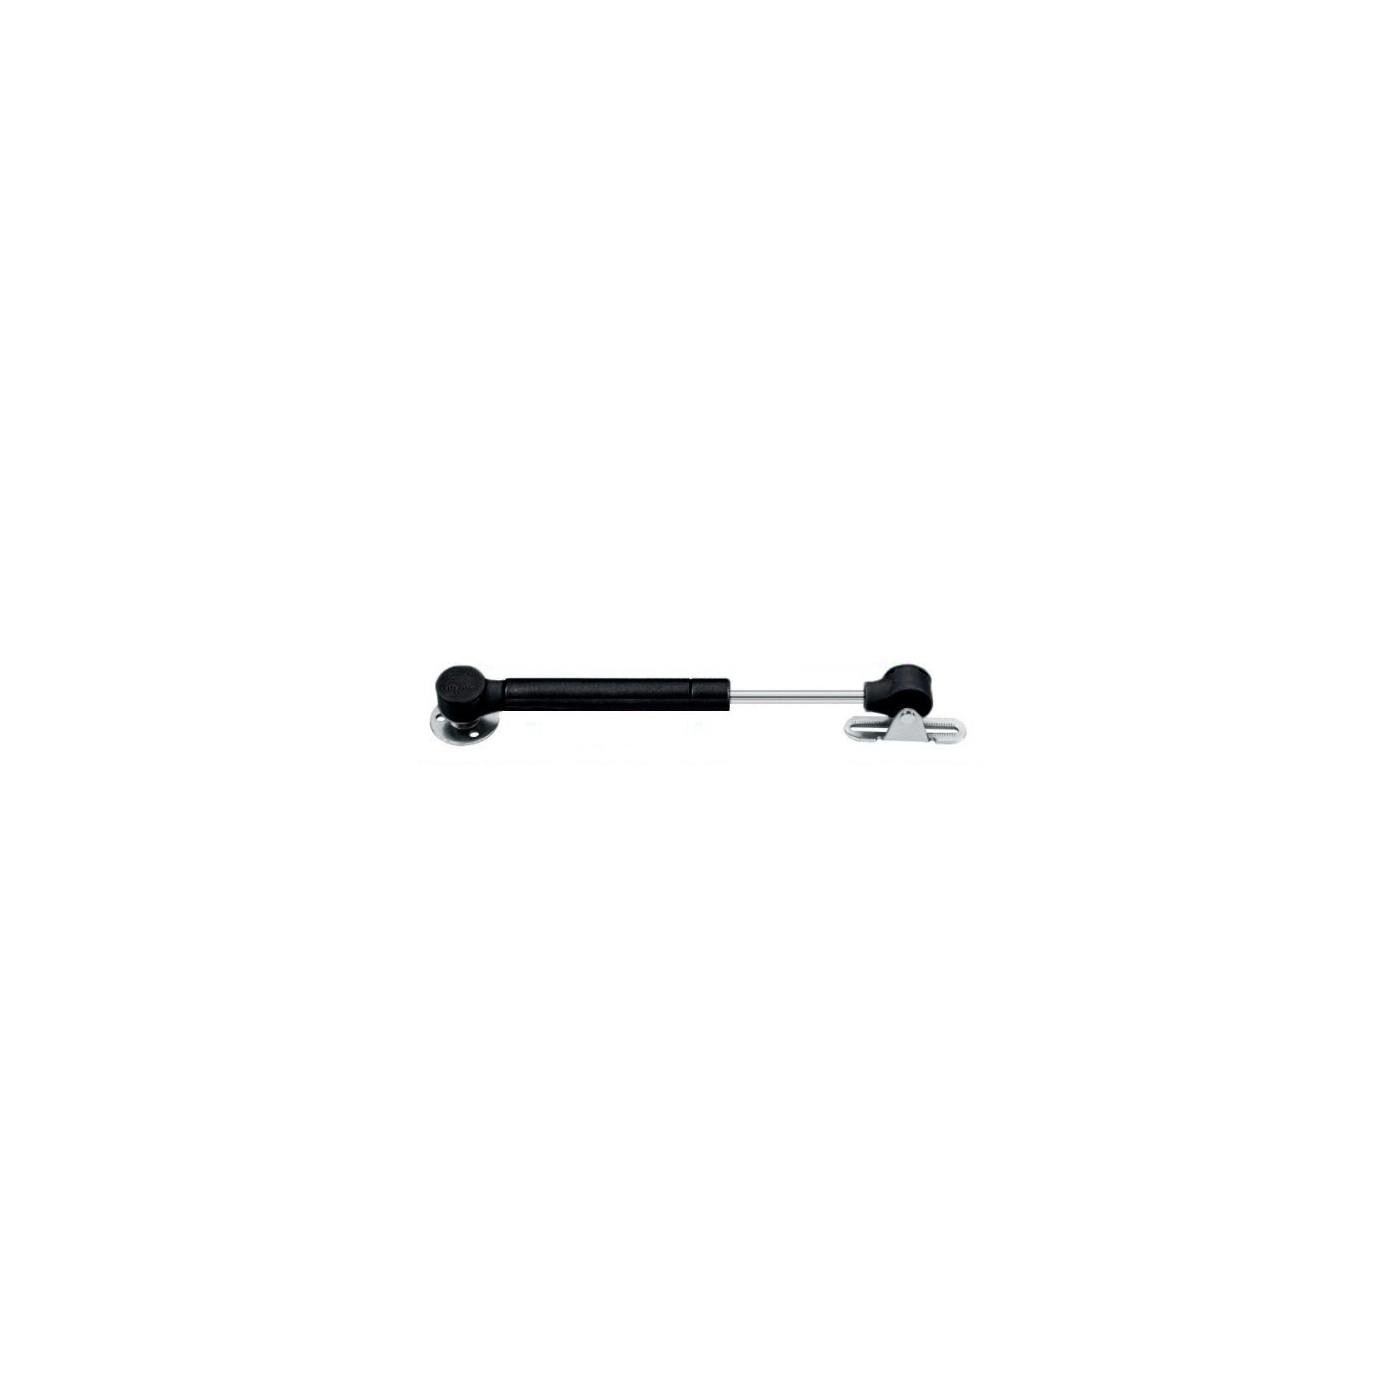 Universele gasveer (gasdrukveer) met beugels (50N/5kg, 172 mm, zwart)  - 1